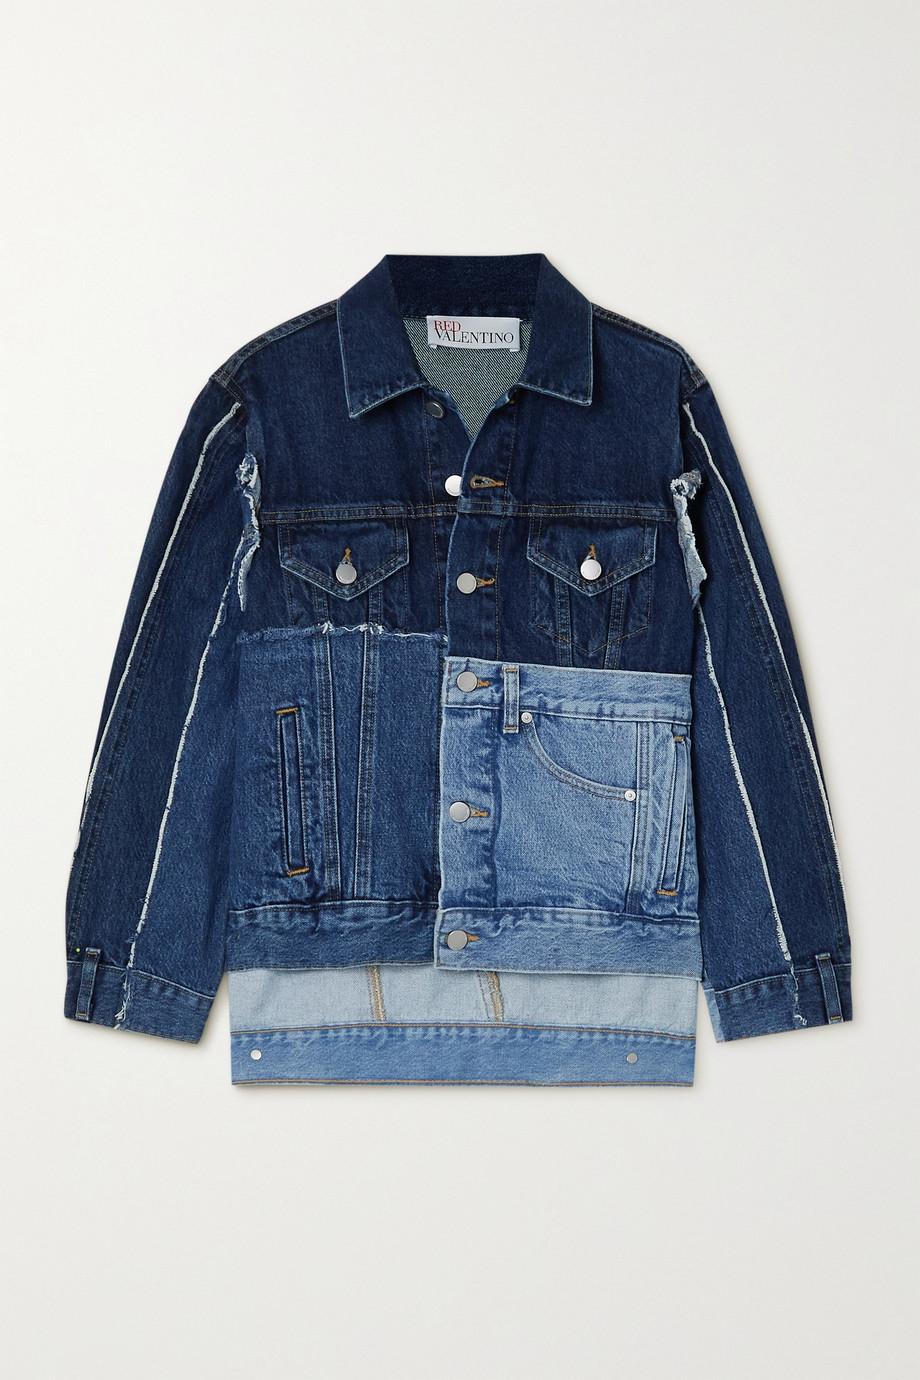 REDValentino Frayed patchwork denim jacket